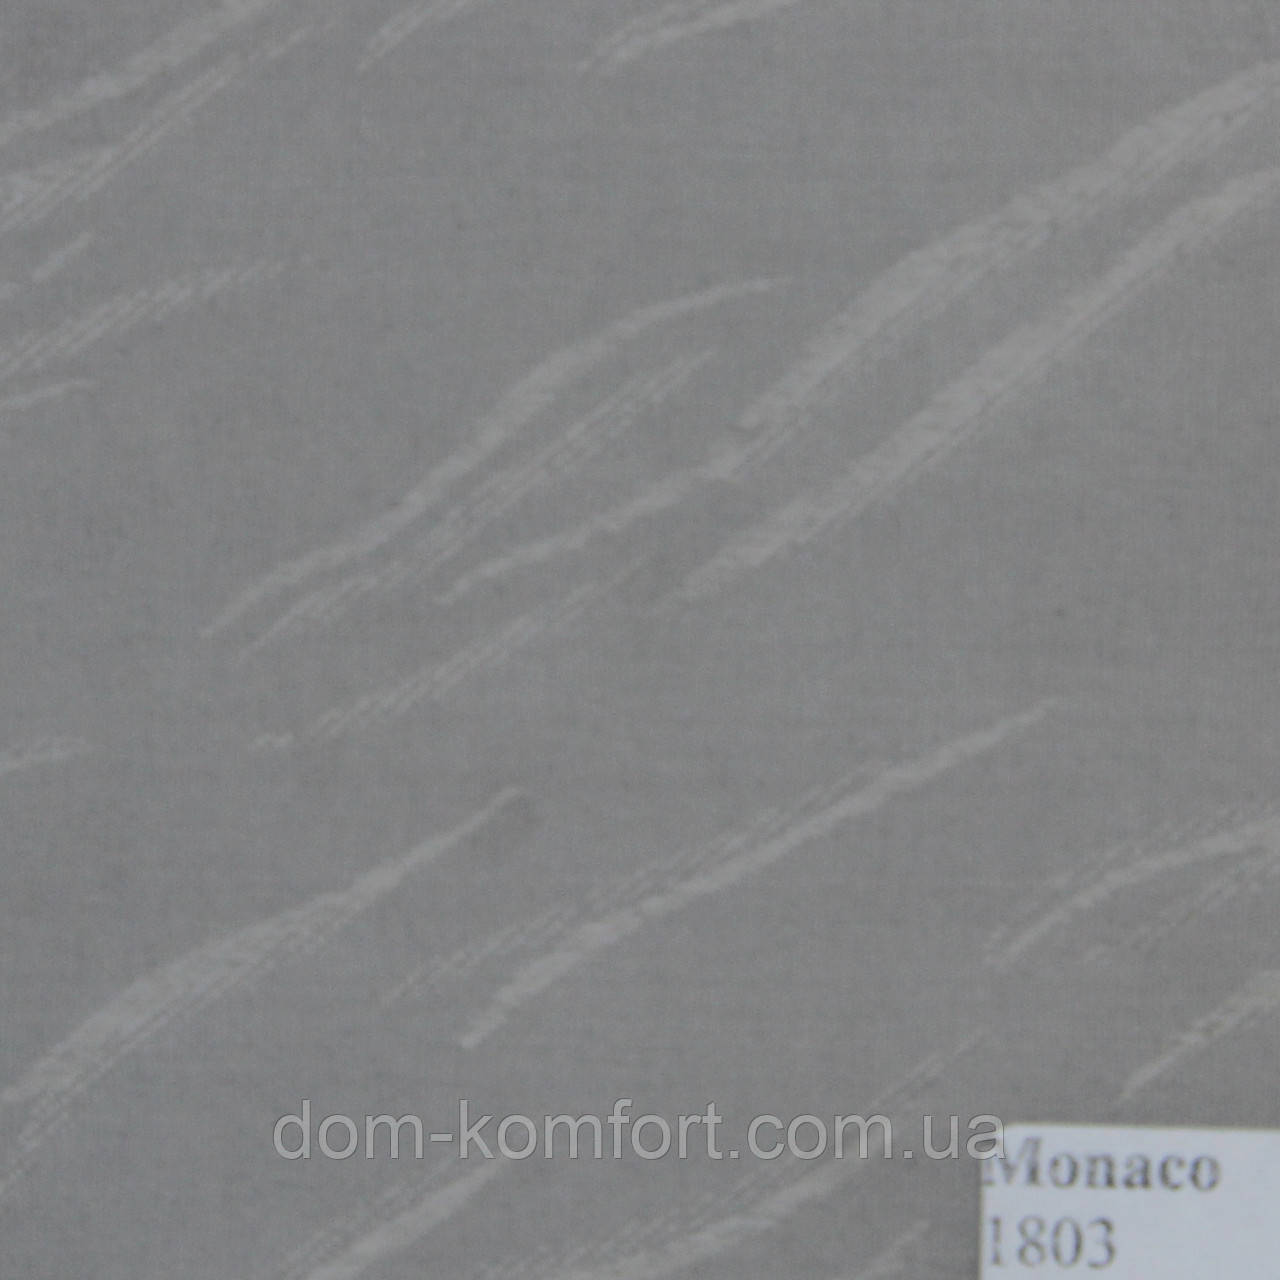 Рулонные шторы Ткань Монако Серый 1803